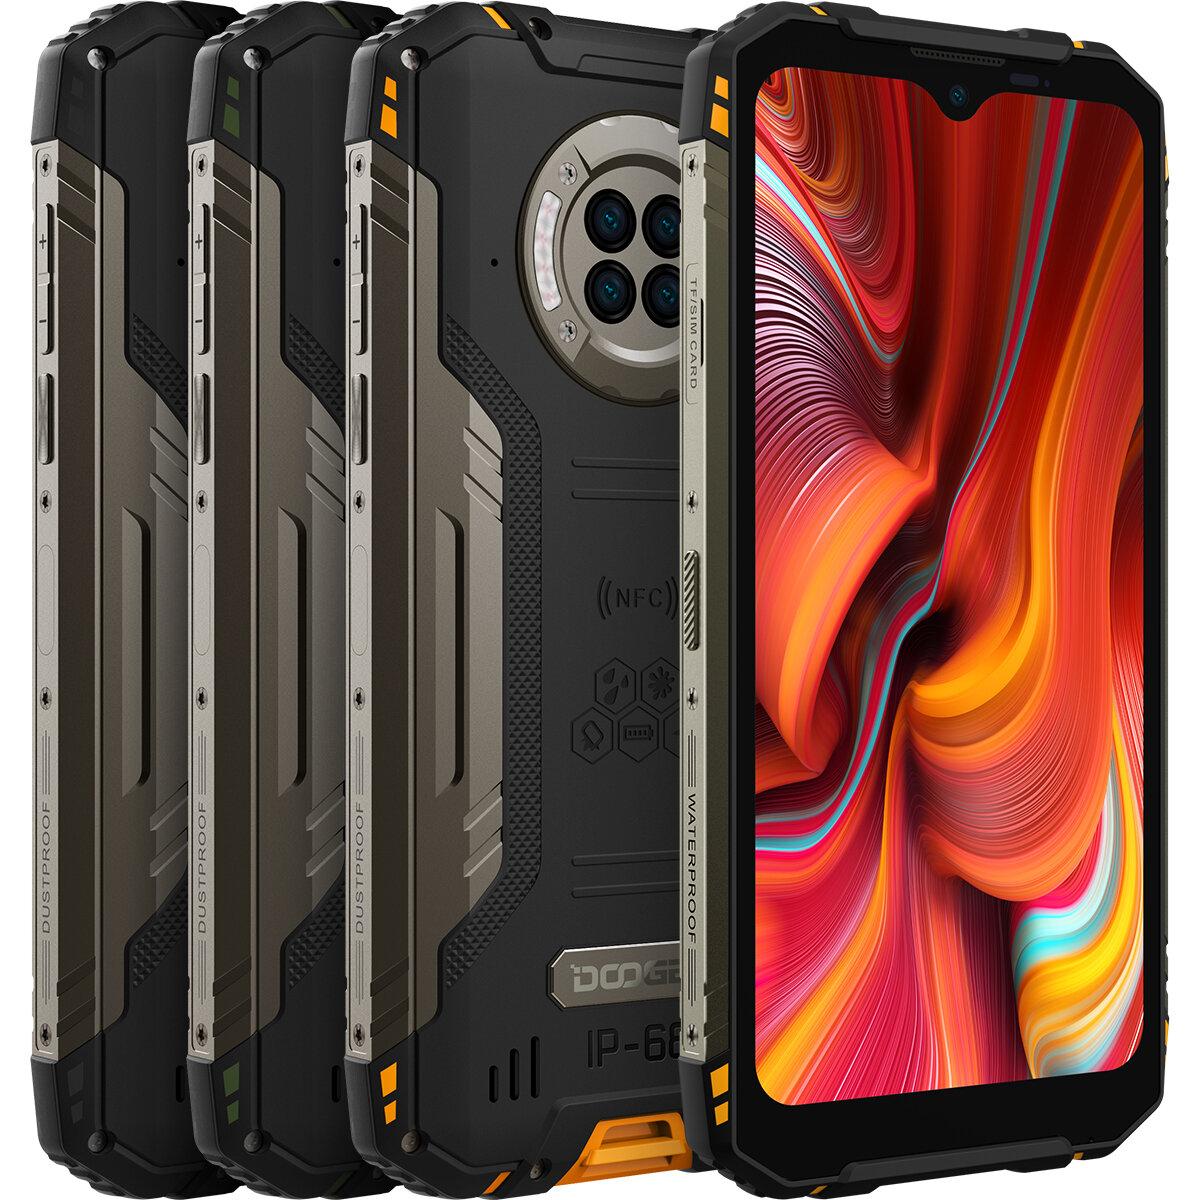 DOOGEE S96 Pro 8+128